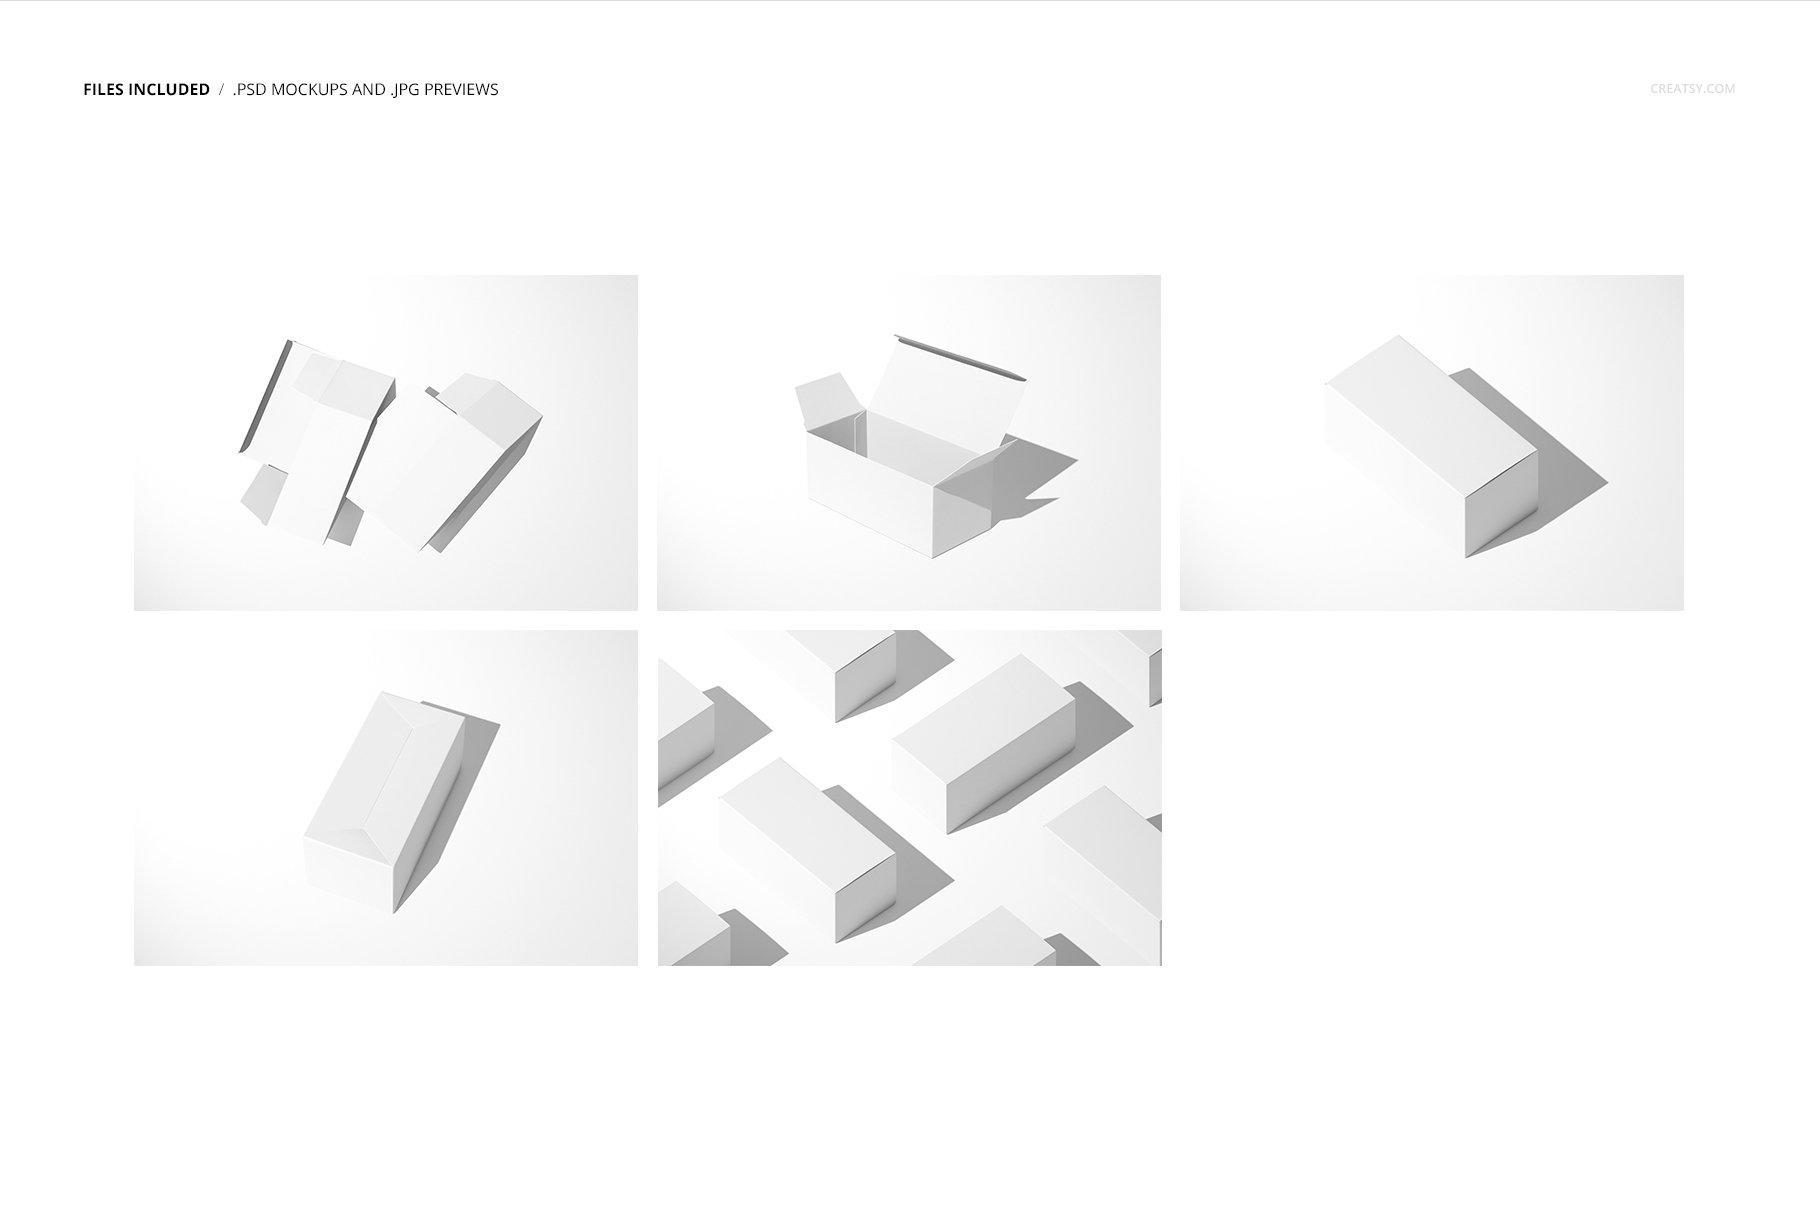 长矩形产品包装卡扣锁底纸盒样机集 Snap Lock Bottom Box Mockup Set插图(2)